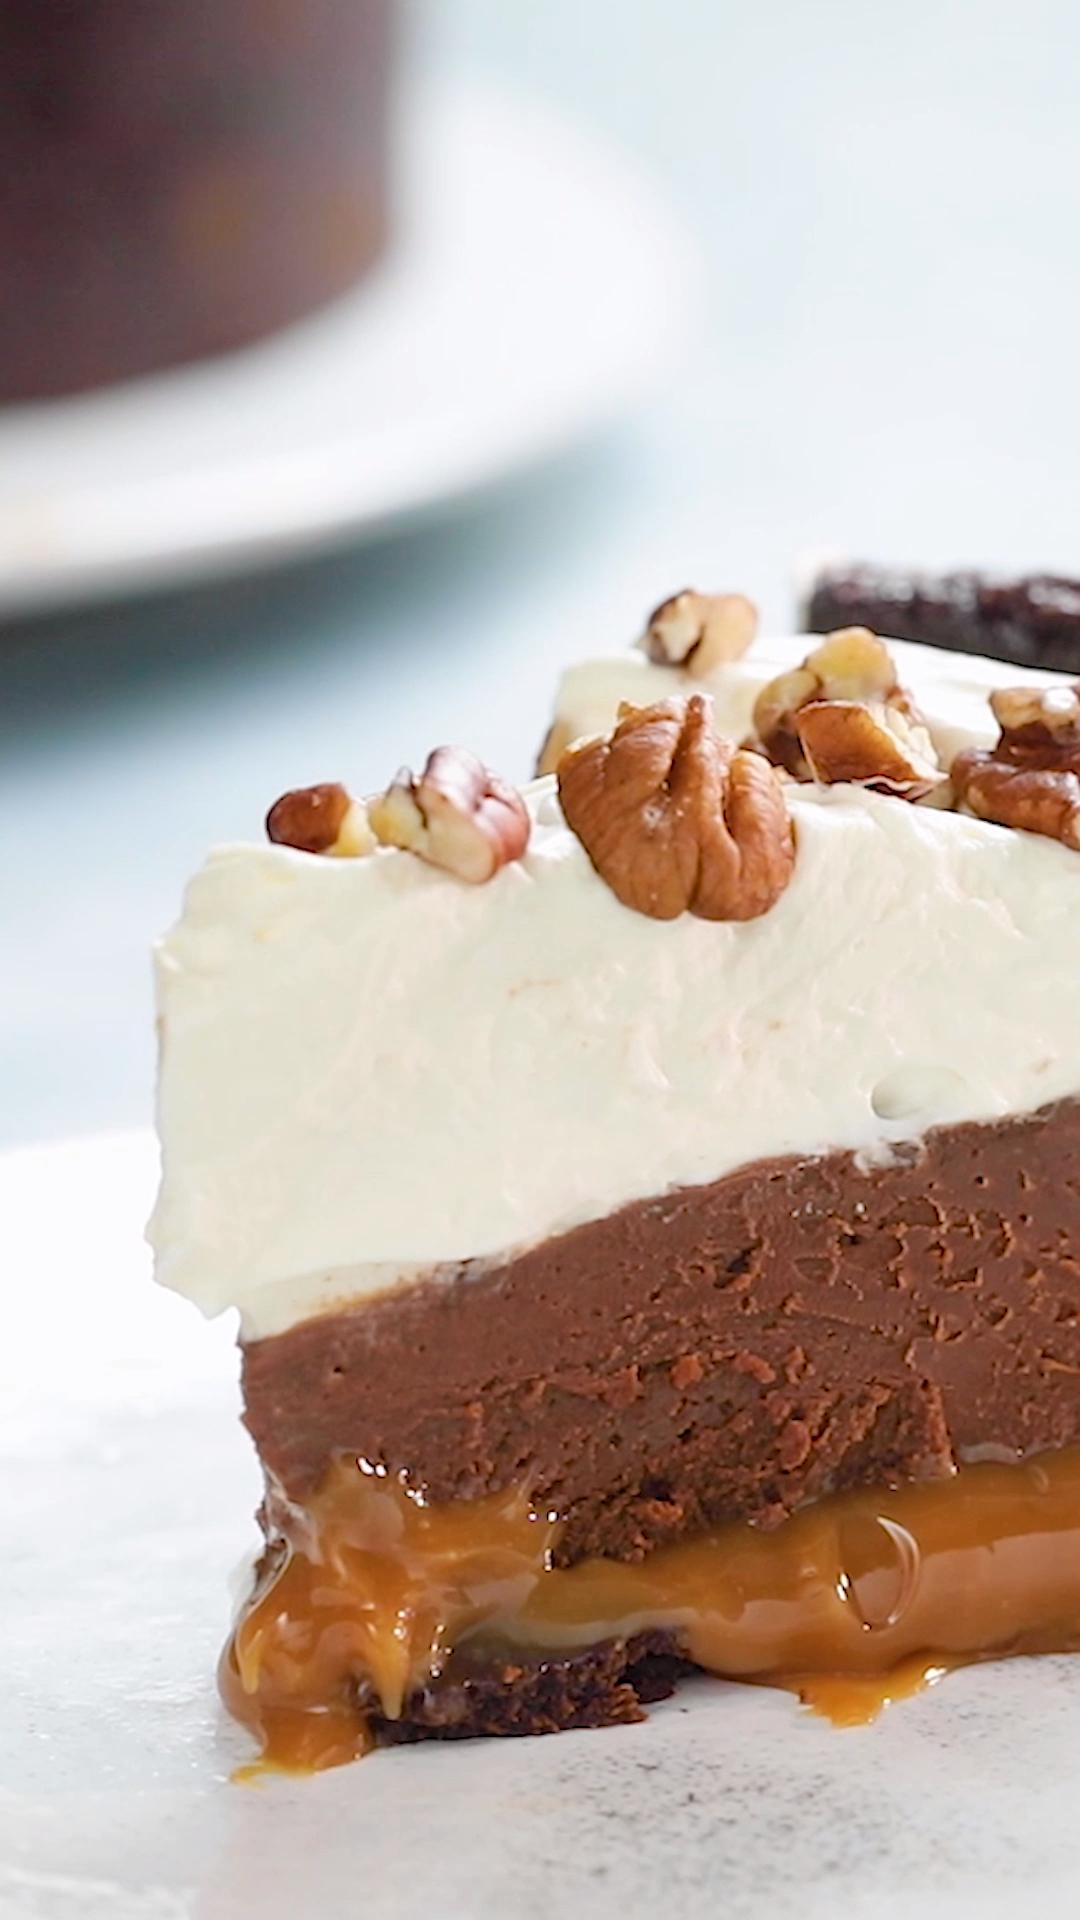 Cette tarte n'est pas une tarte comme les autres ! Pour le fond de tarte on a utilisé des brownies pour faire de ce petit chef-d'oeuvre la tarte la plus gourmande au monde. Du caramel, du chocolat, du brownie et de la crème fouettée, de quoi d'autres pouvions-nous rêver ?